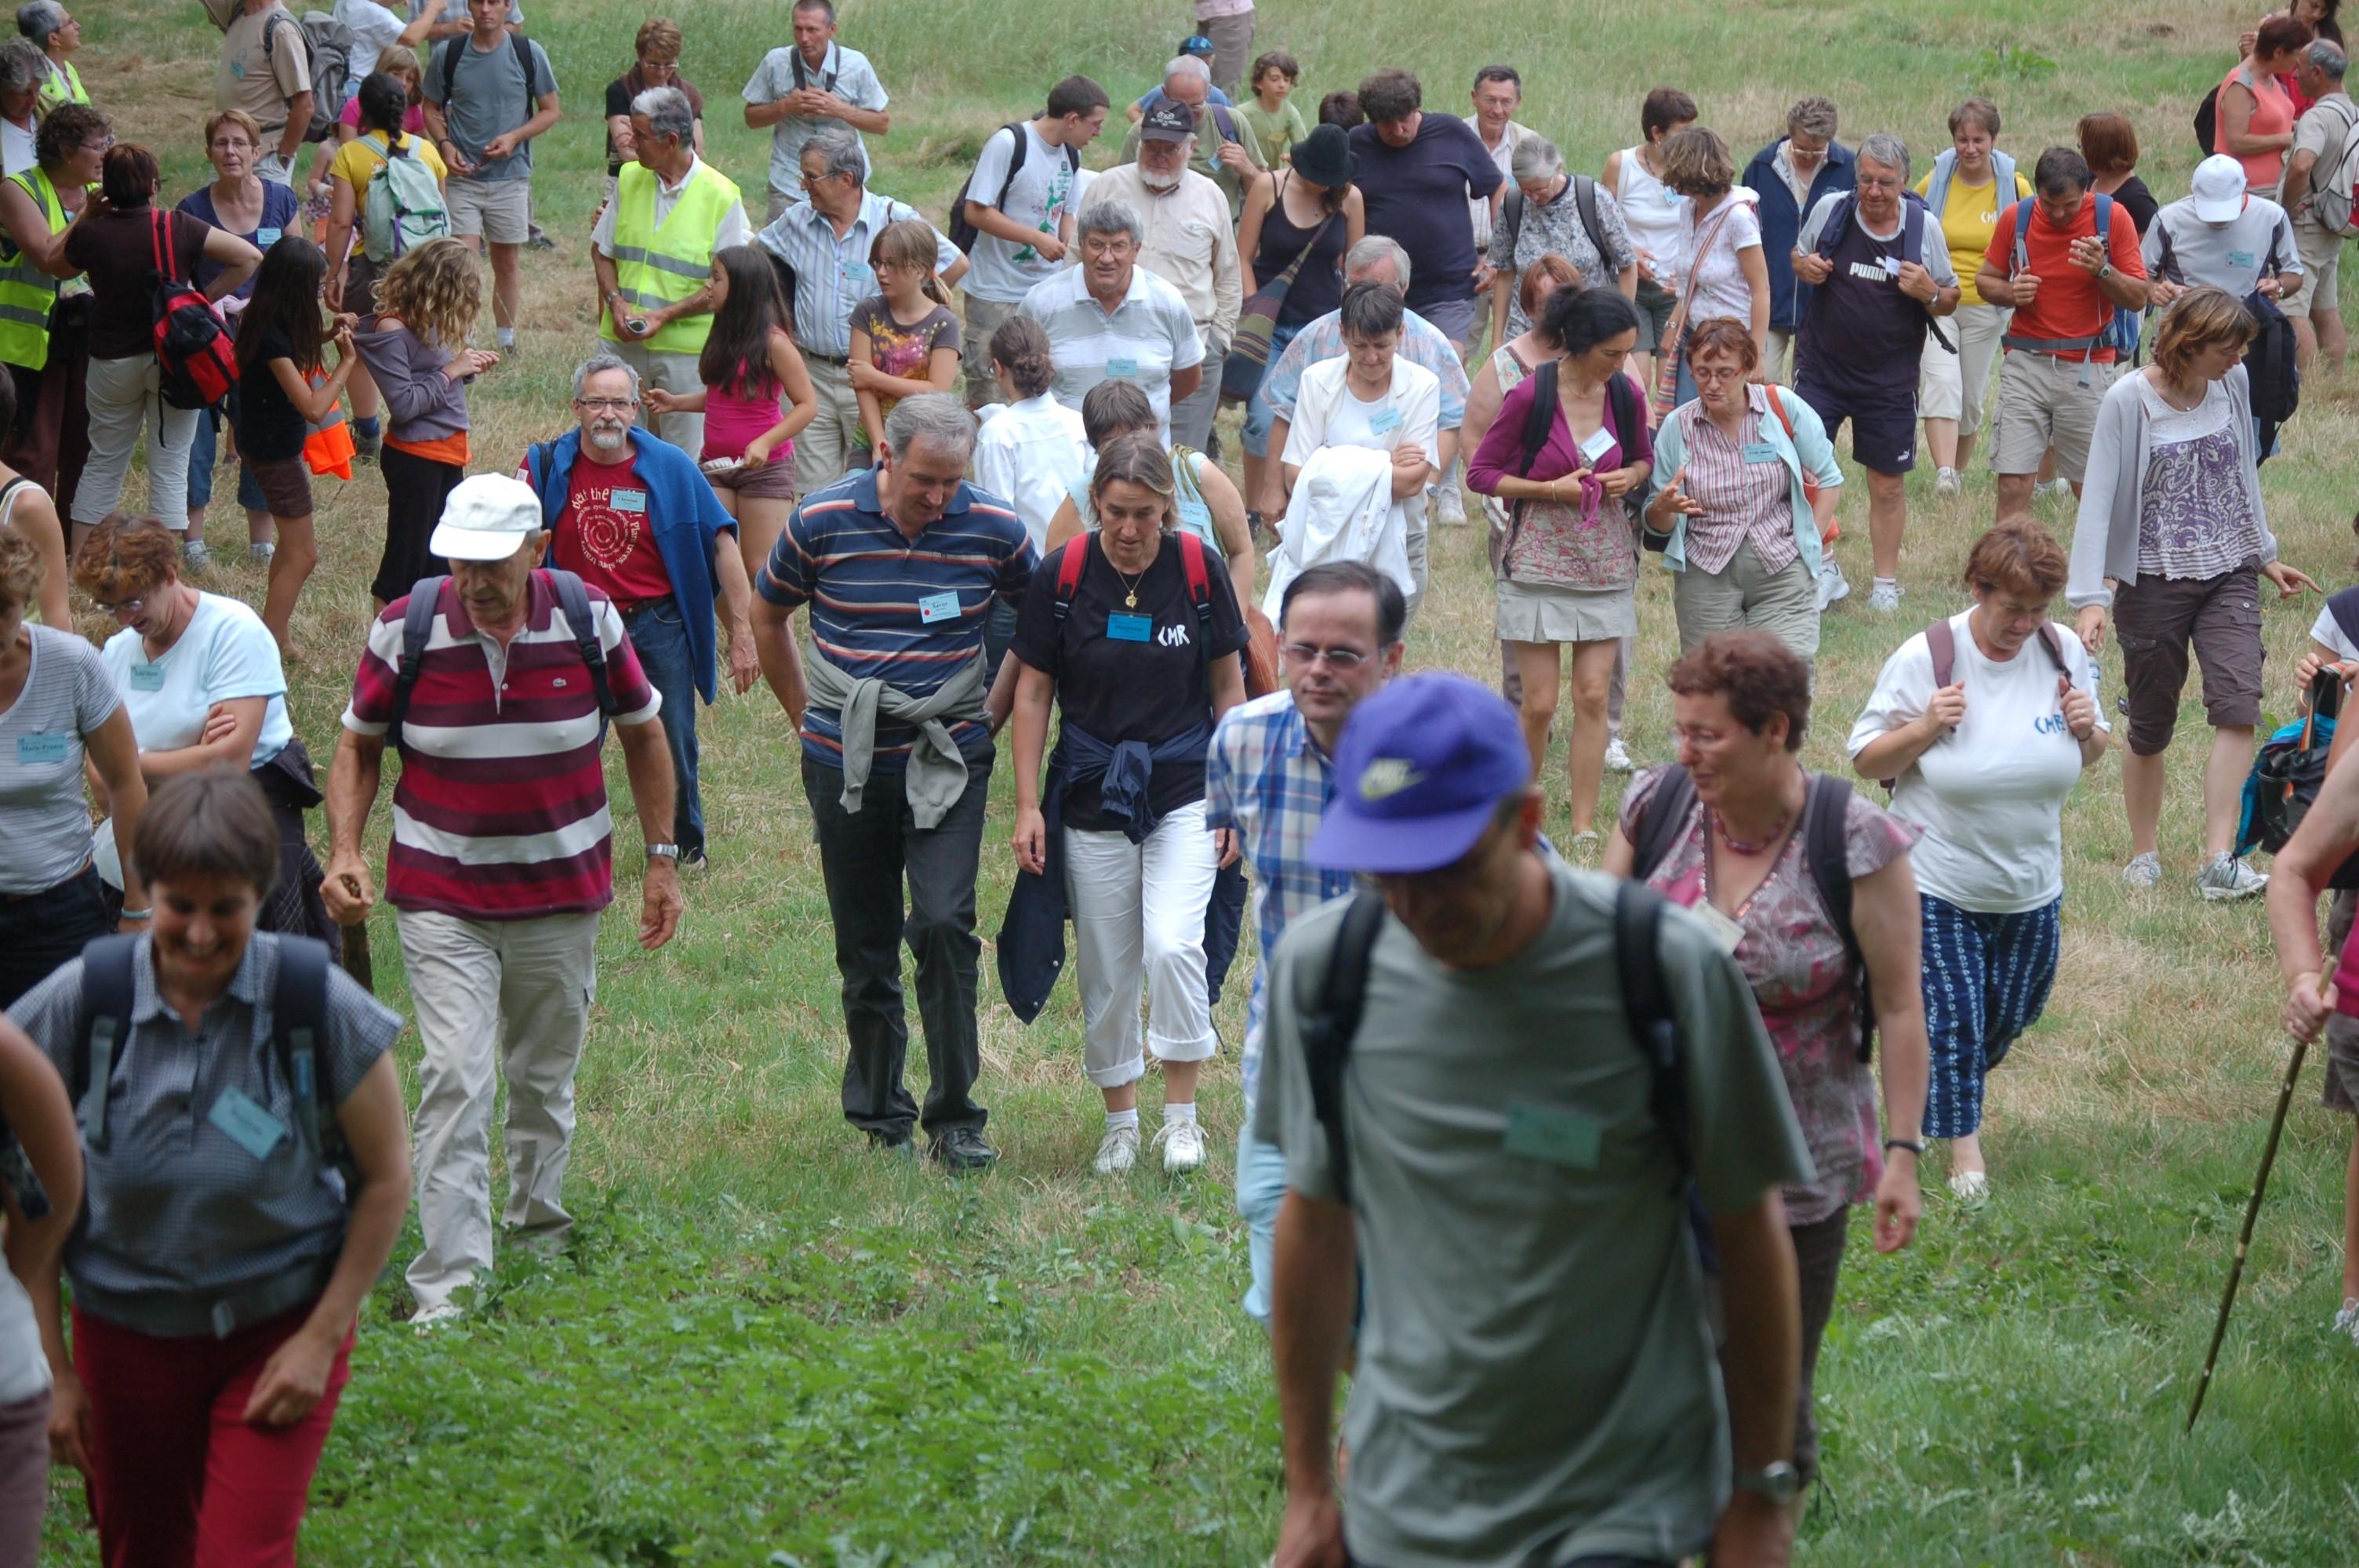 Université d'été : Résumé de la journée de jeudi